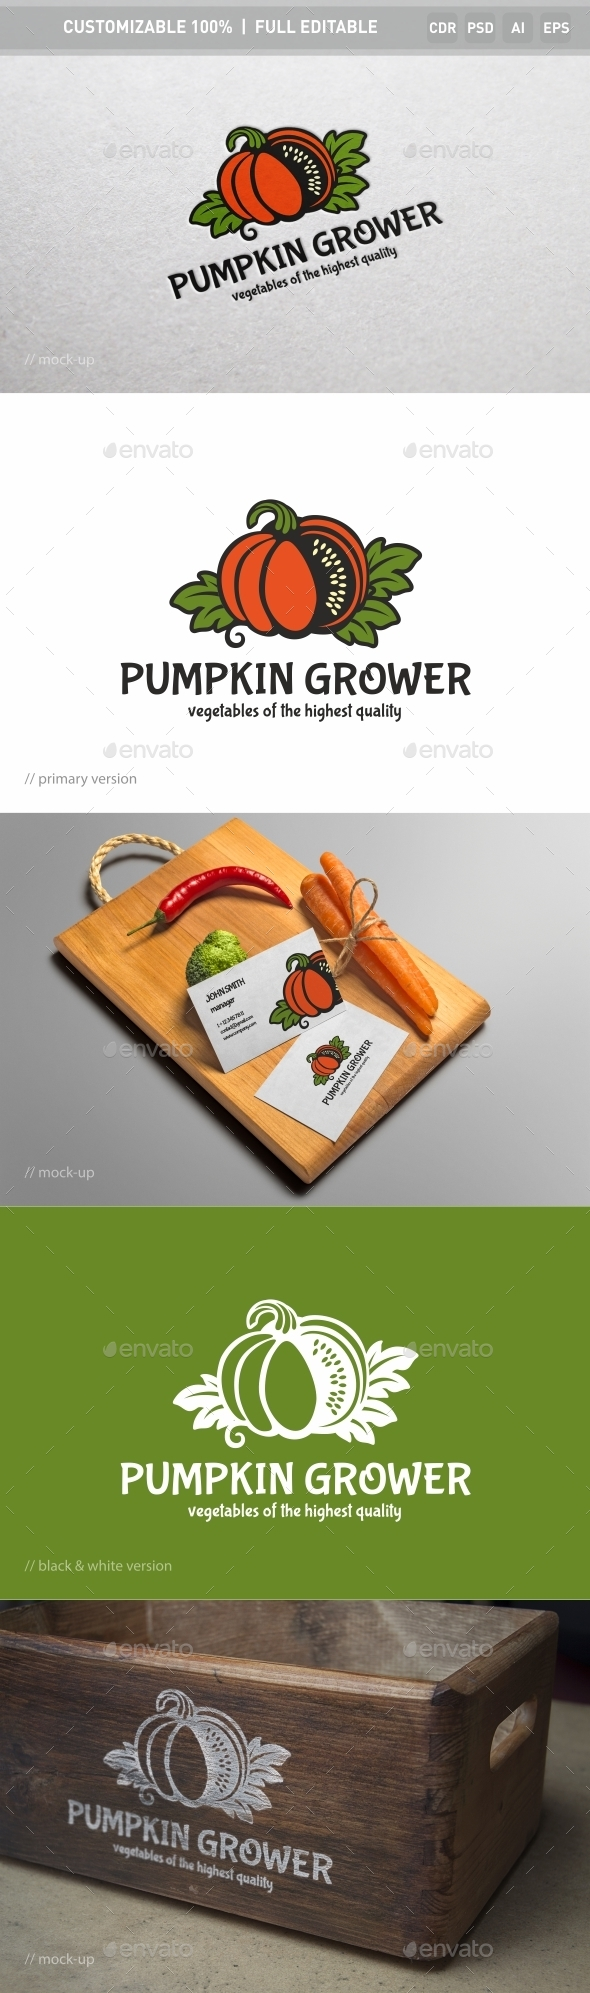 Pumpkin Grower Logo Template - Nature Logo Templates